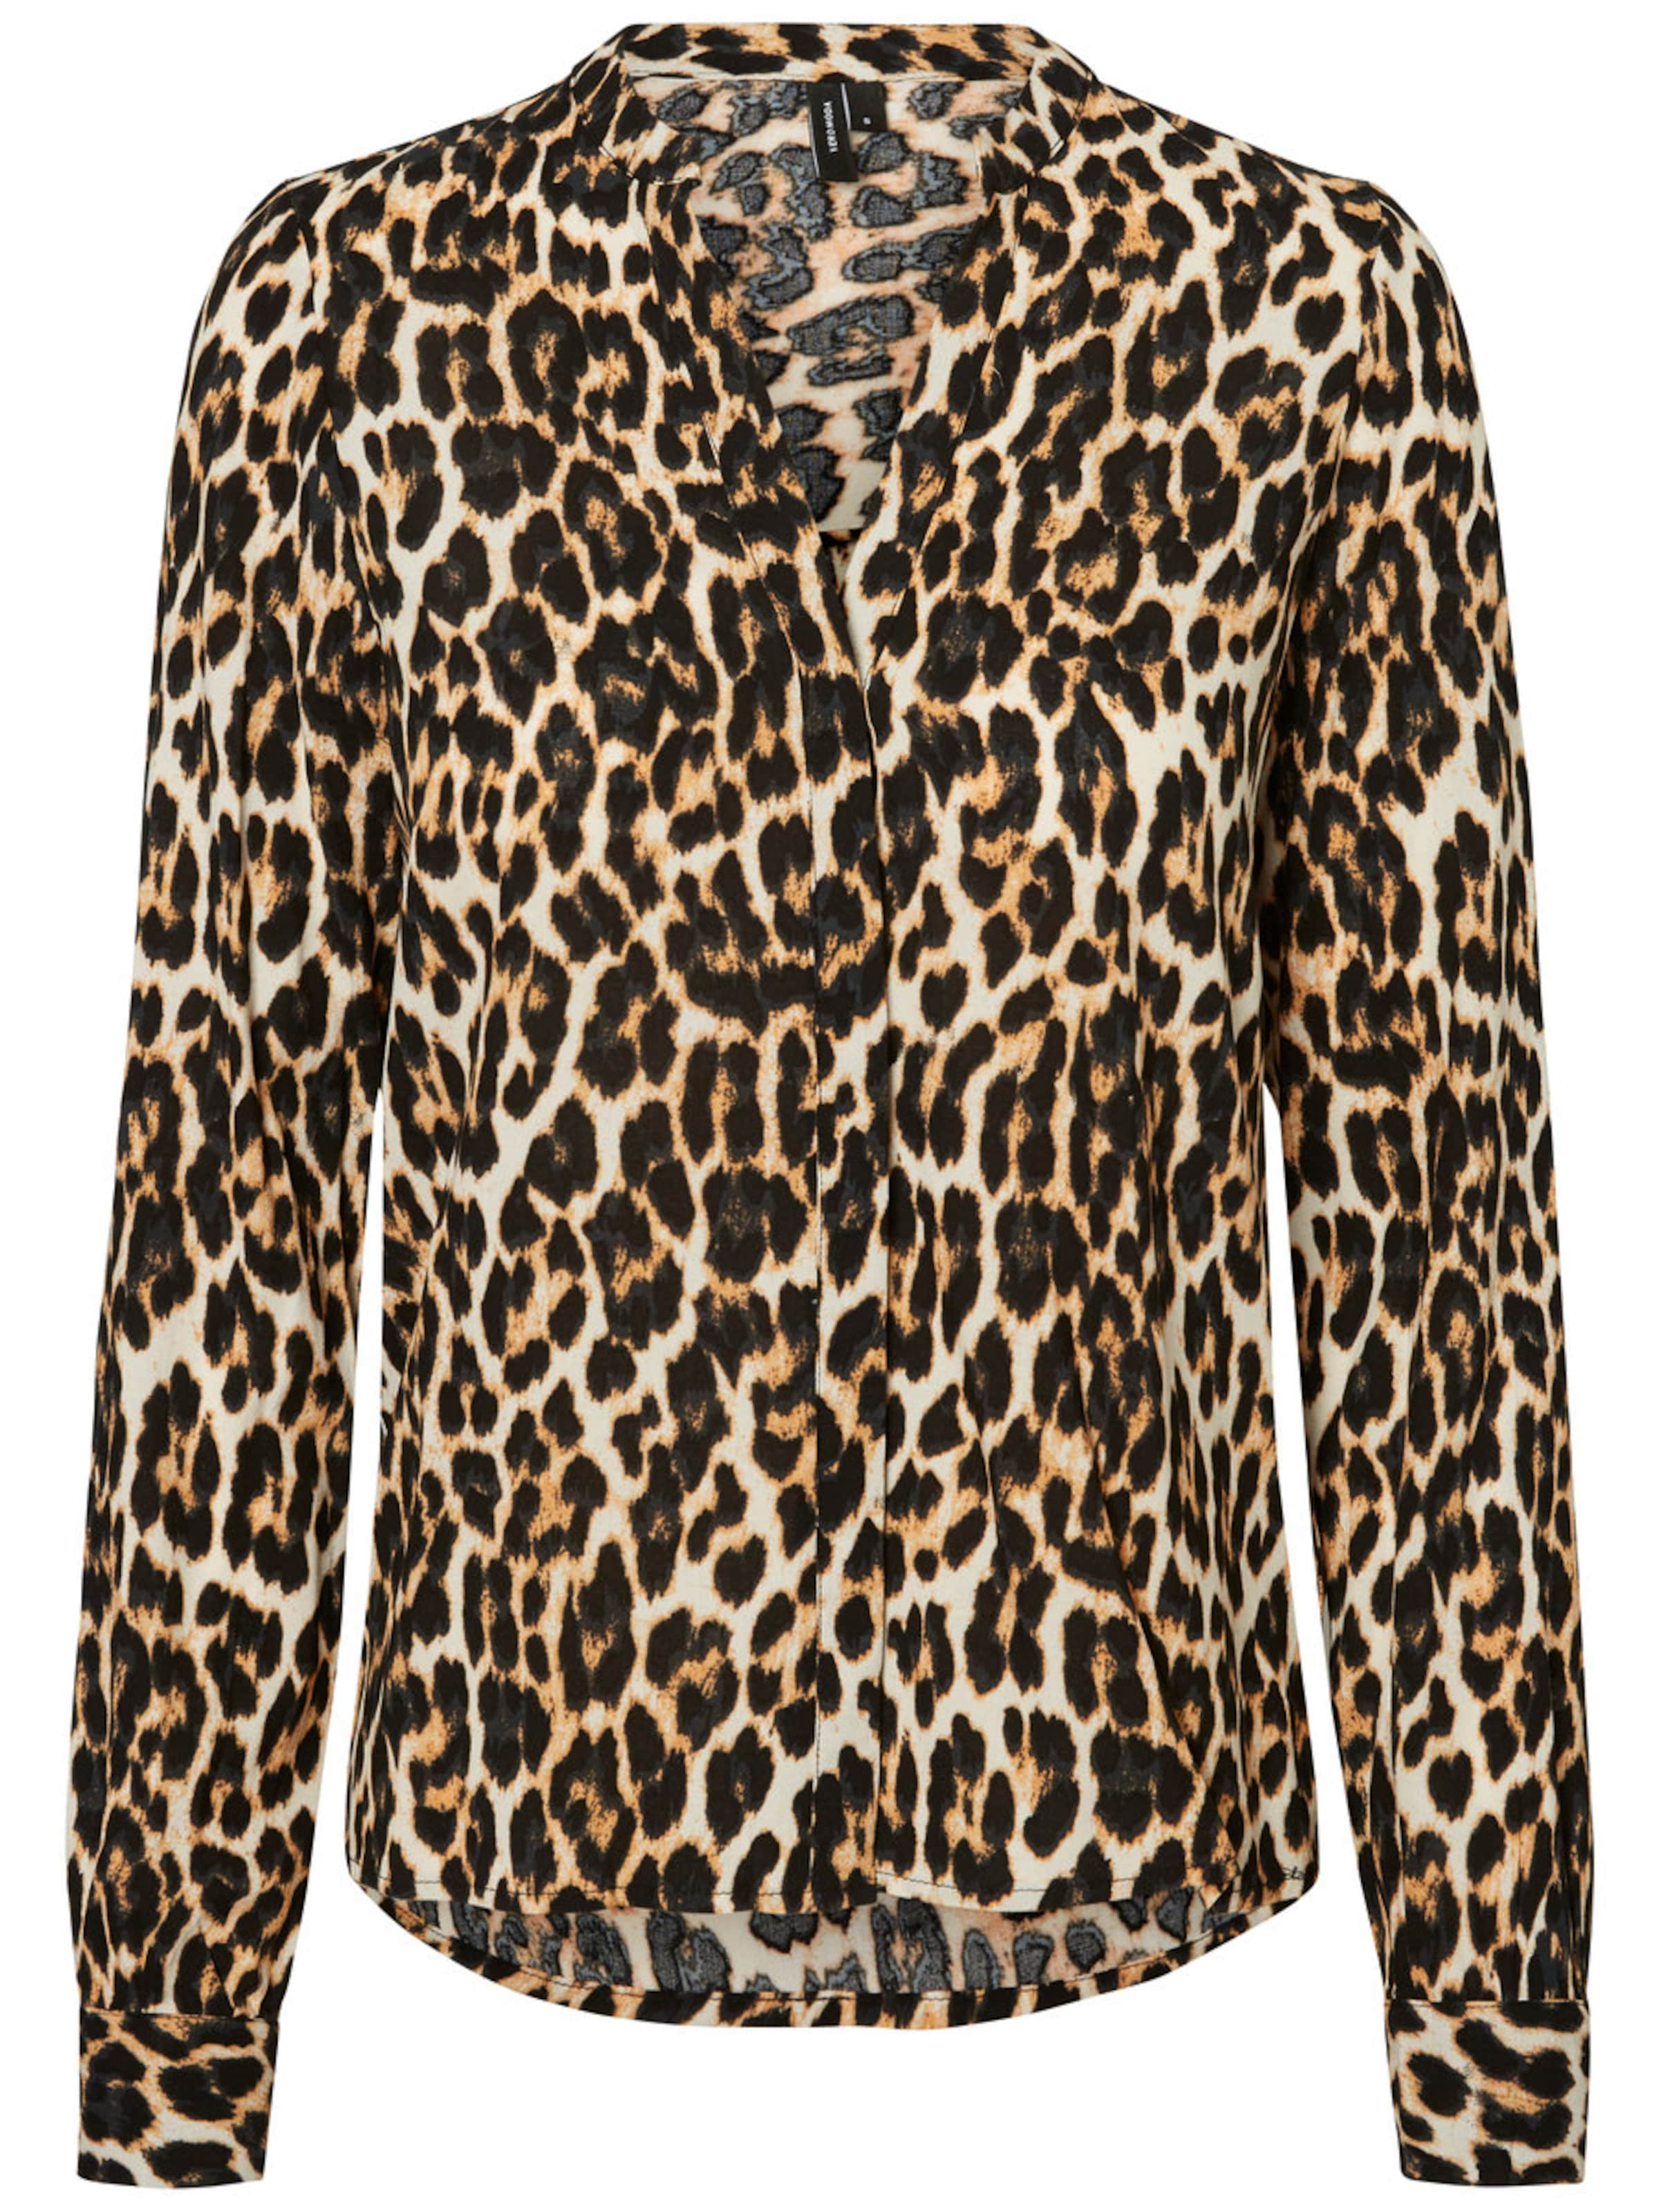 VERO MODA Bluse mit Leoparden Muster Zum Verkauf Preiswerten Realen Unisex Freies Verschiffen Schnelle Lieferung Kaufen Billig Kaufen Billig Finden Große 227xMpHP